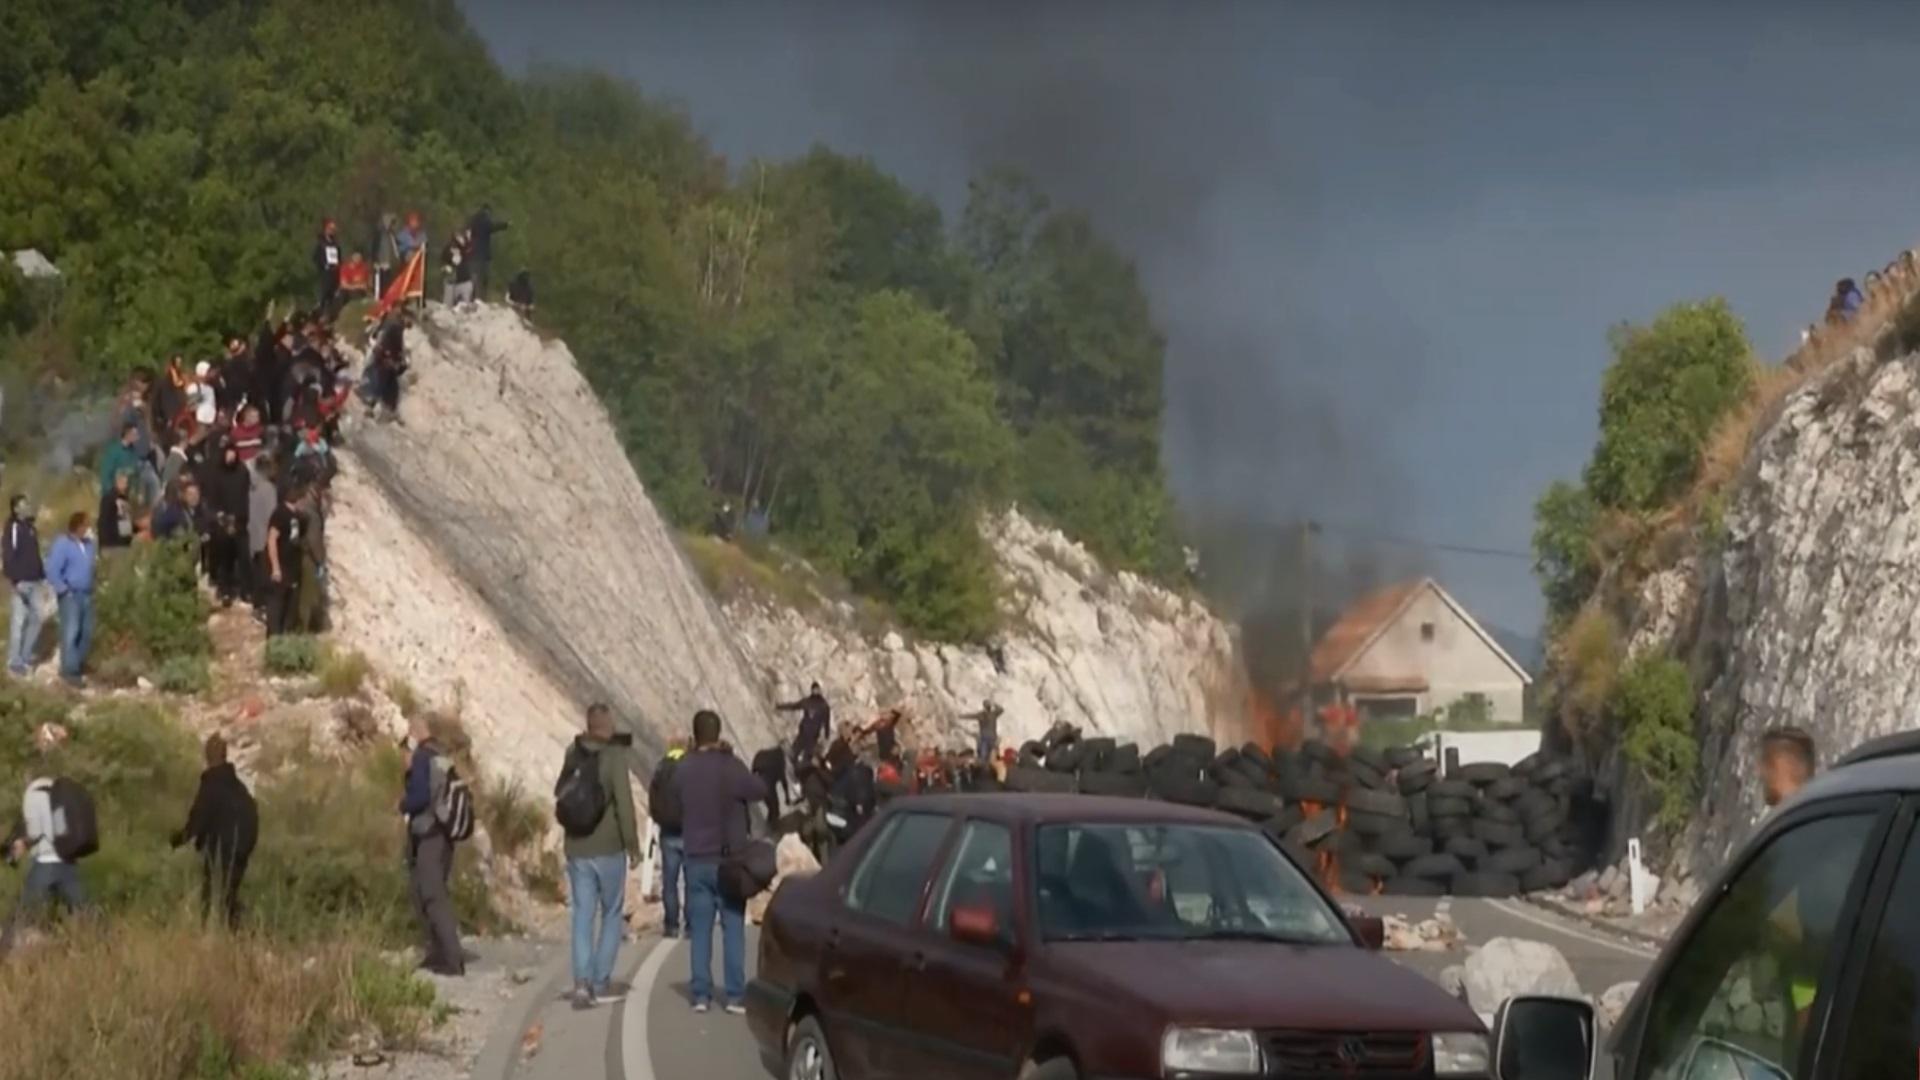 Μαυροβούνιο: Βίαια επεισόδια κατά την ενθρόνιση του νέου Μητροπολίτη